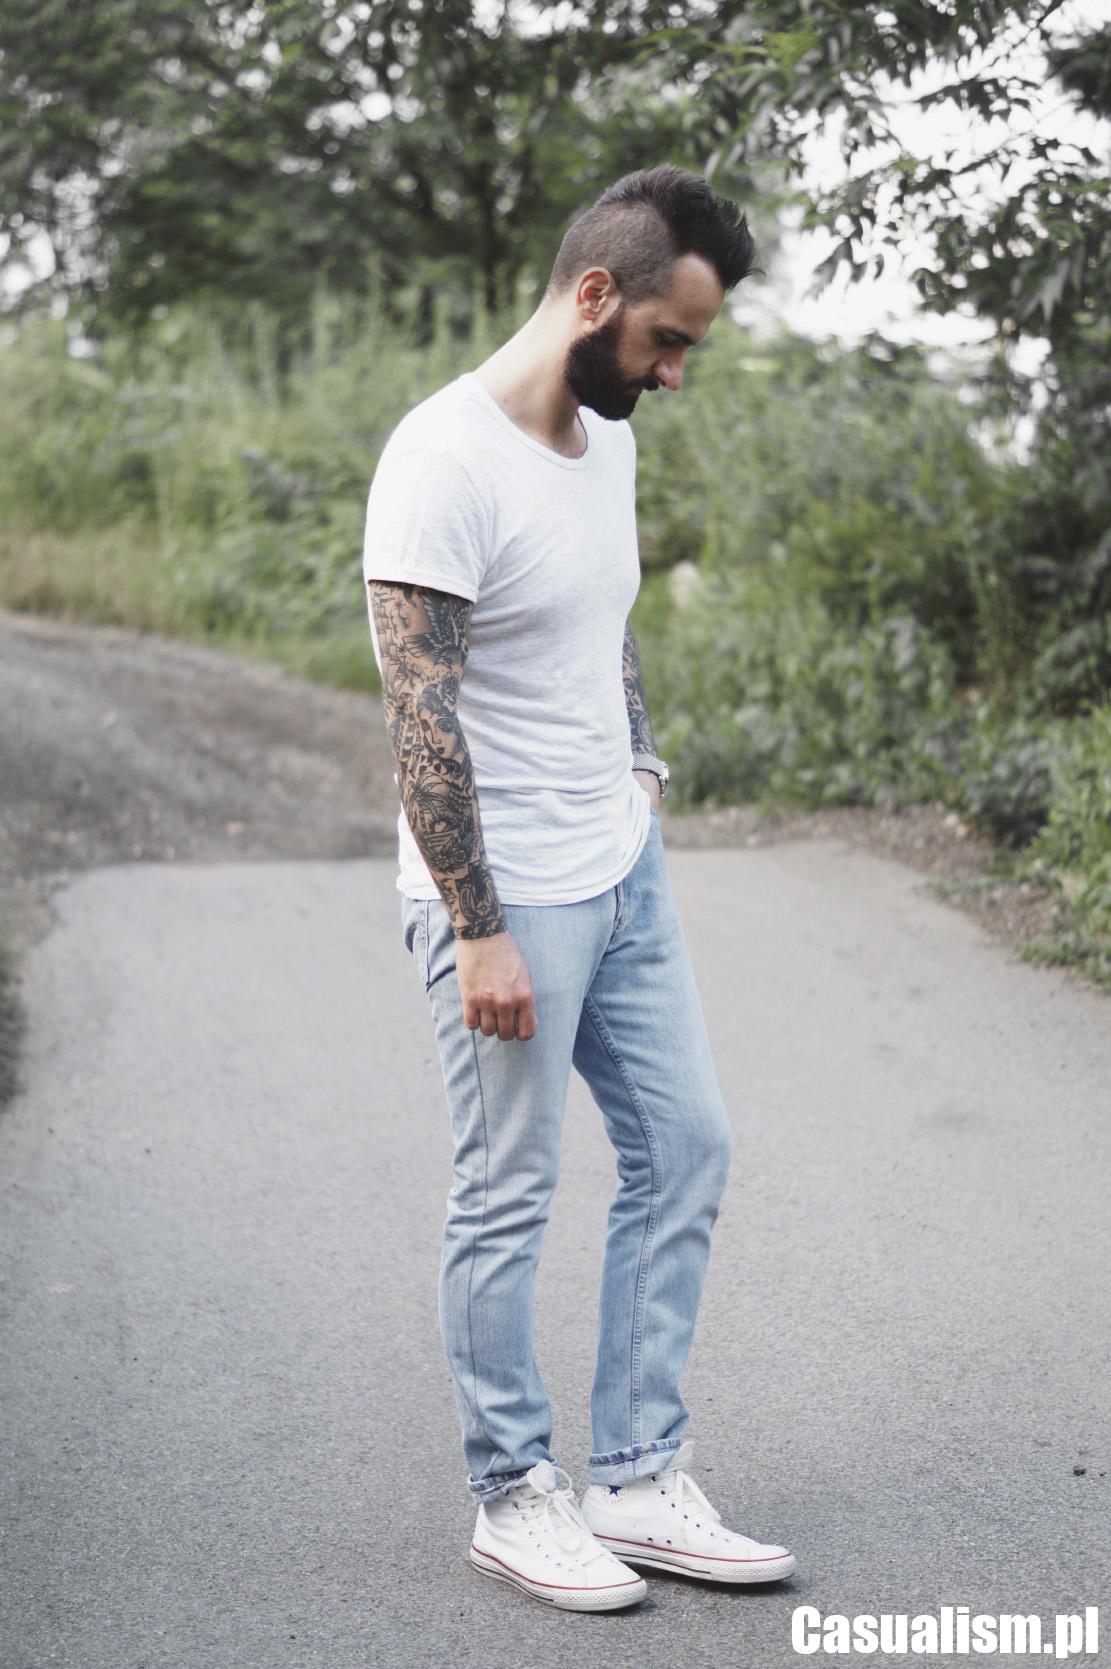 Koszulka lniana, lniana koszulka, lniane koszulki, męski t-shirt lniany, lniany t-shirt, spodnie dad jeans, jasne jeansy, jeansy regular.